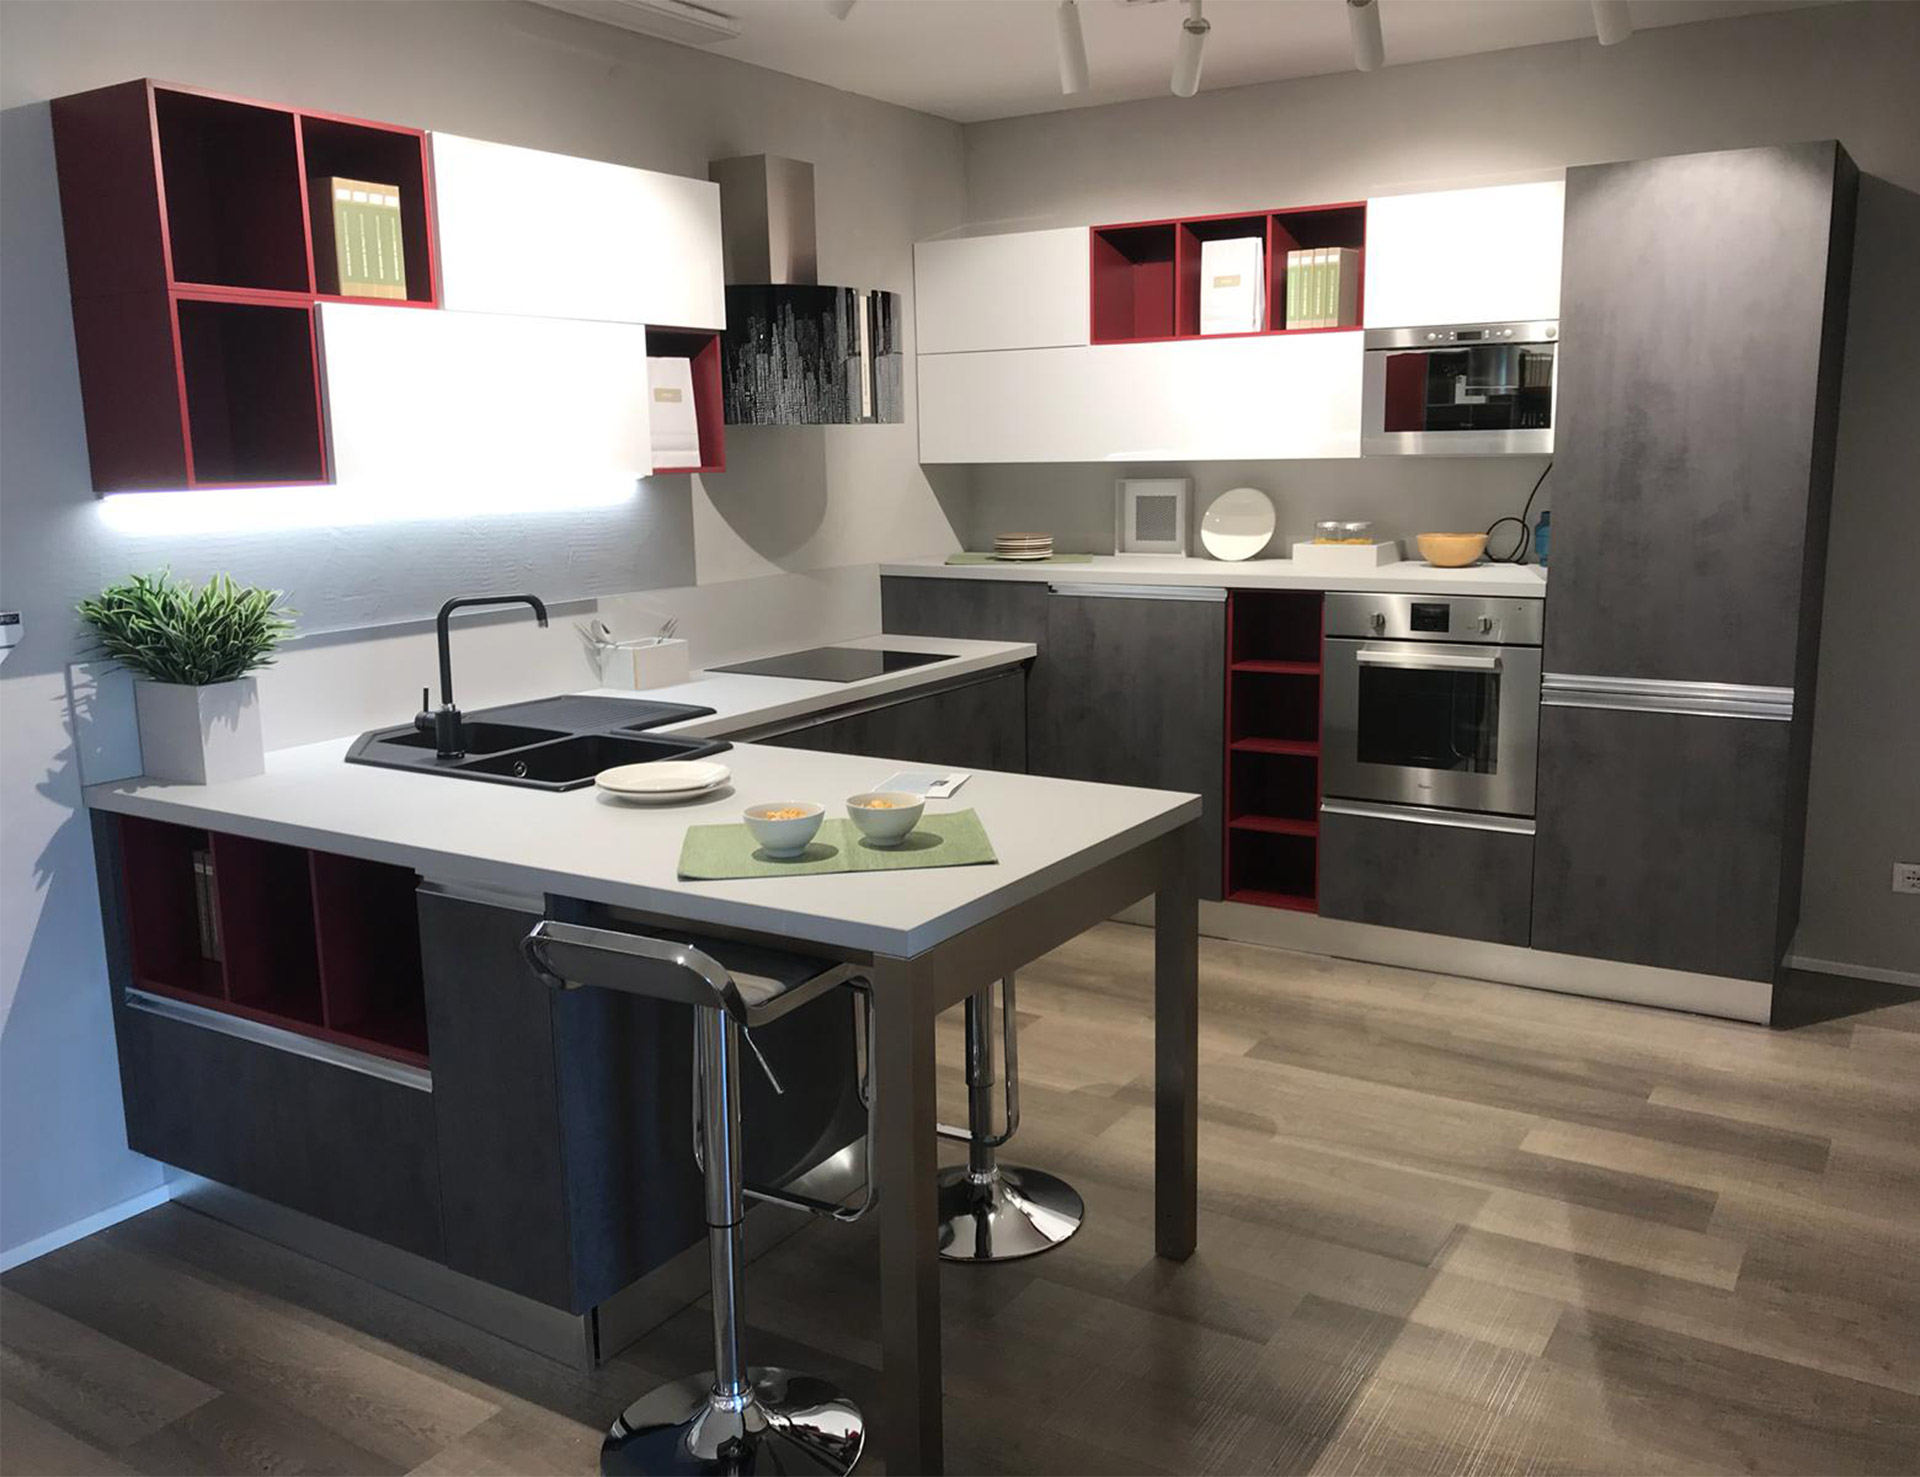 Il Gruppo Lube Inaugura Un Nuovo Store Creo A Collegno Creo Kitchens